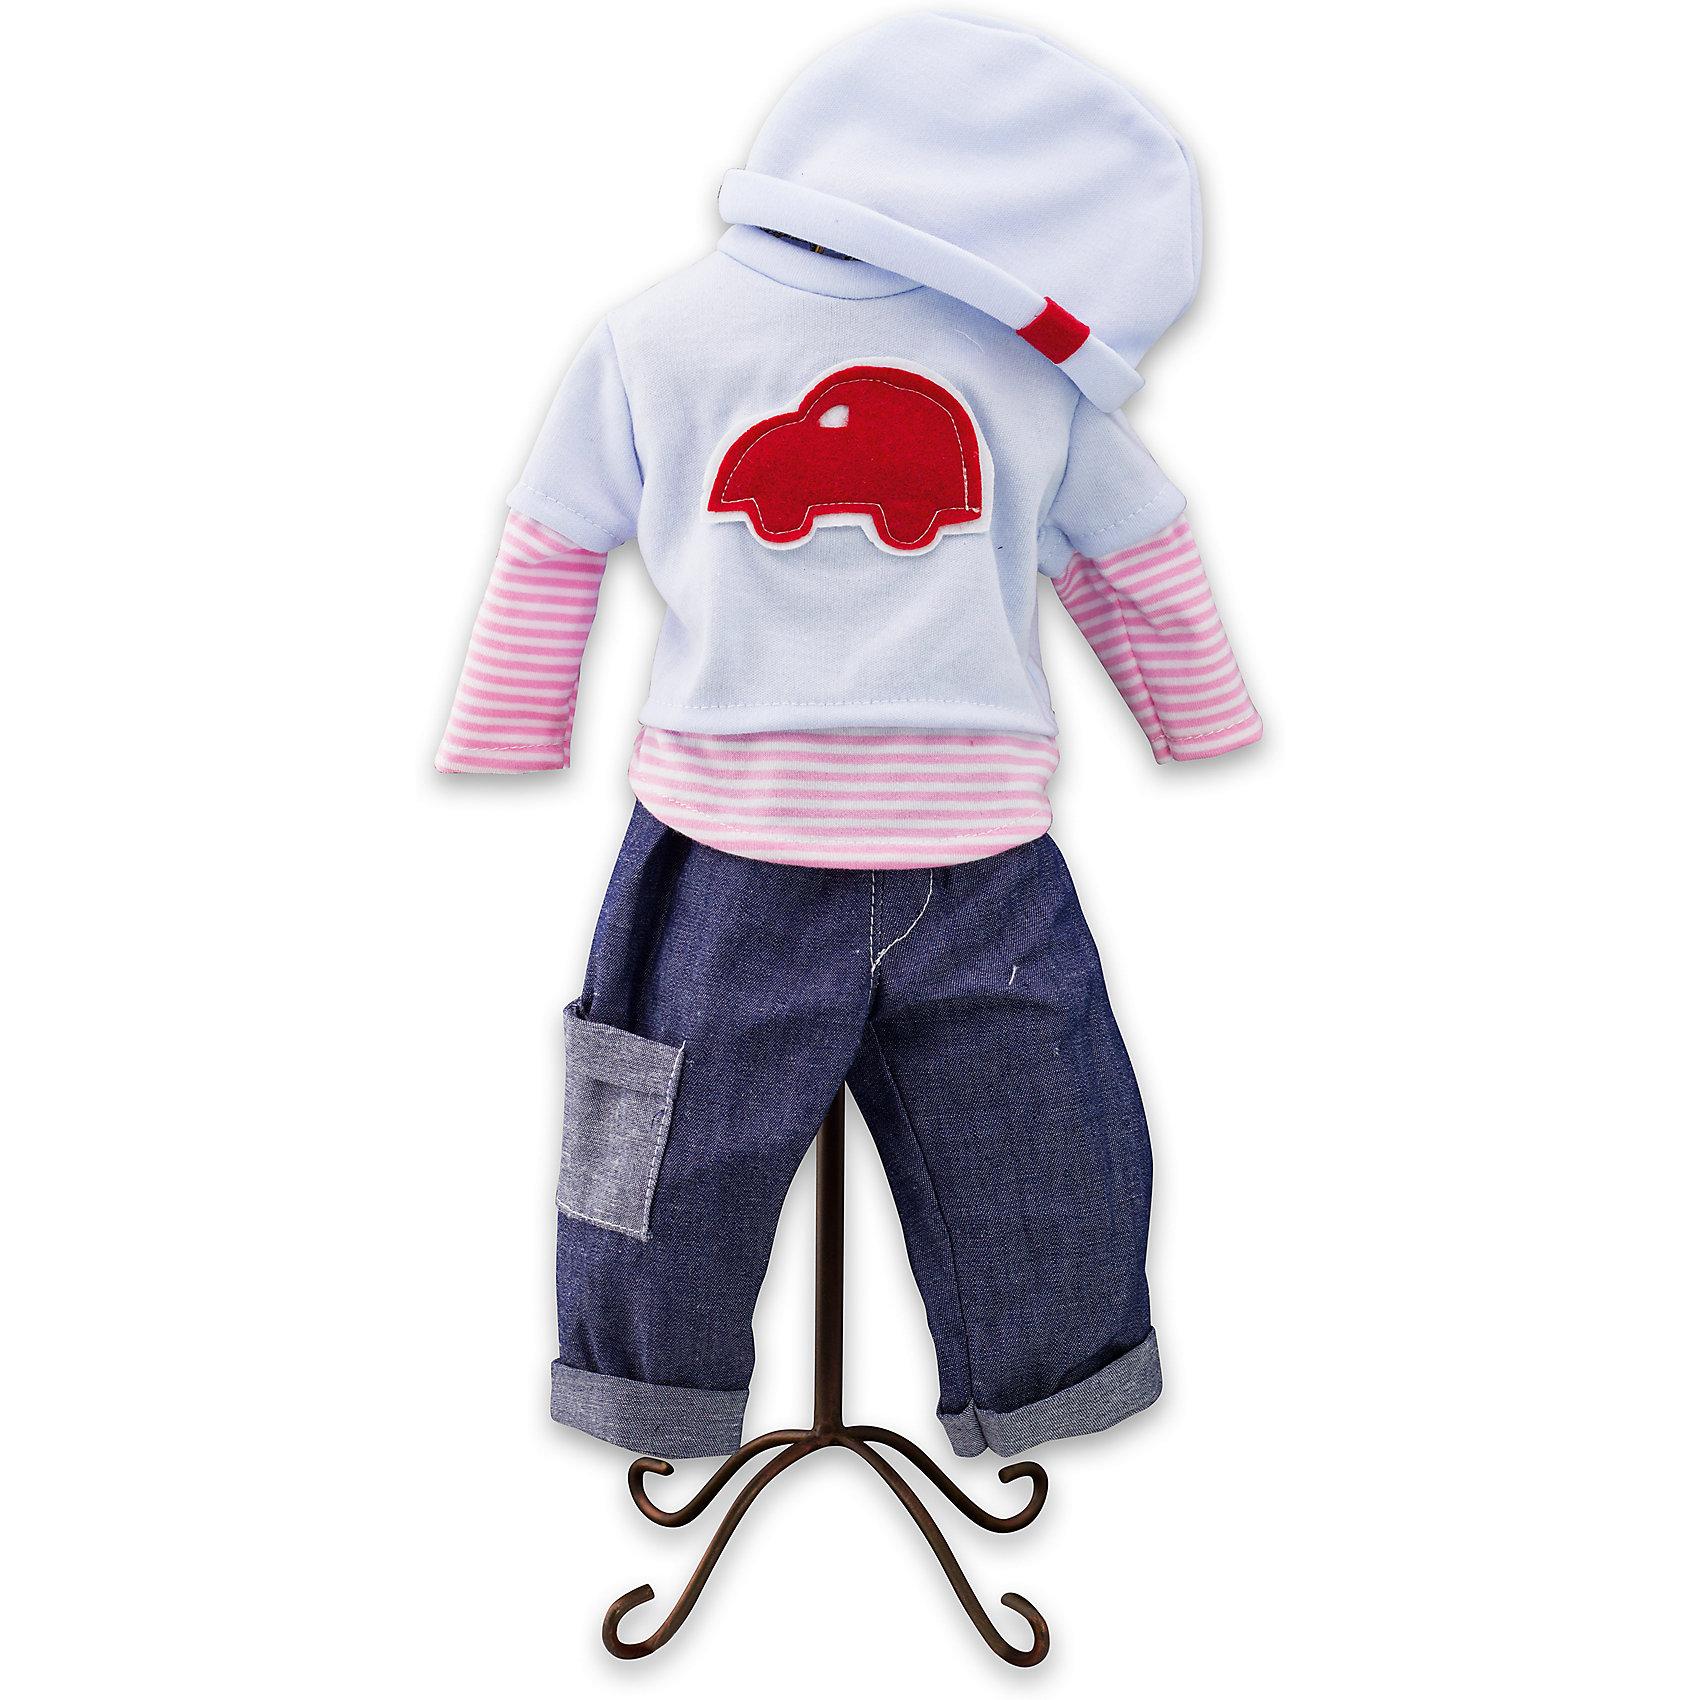 Одежда для куклы мальчика Baby Pink, Loko ToysКукольная одежда и аксессуары<br>Характеристики товара:<br><br>• возраст: от 10 месяцев;<br>• материал: текстиль;<br>• в комплекте: джинсы, кофта, шапка;<br>• размер упаковки: 38х25х2,5 см;<br>• вес упаковки: 225 гр.;<br>• страна производитель: Китай.<br><br>Одежда для куклы-мальчика «Baby Pink» Loko Toys — дополнительный комплект одежды для куклы-мальчика, который дополнит его гардероб. Комплект состоит из стильного свитера с принтом в виде машинки, шапочки и синих джинс. Вся одежда выполнена из качественных материалов.<br><br>Одежду для куклы-мальчика «Baby Pink» Loko Toys можно приобрести в нашем интернет-магазине.<br><br>Ширина мм: 250<br>Глубина мм: 25<br>Высота мм: 380<br>Вес г: 225<br>Возраст от месяцев: 10<br>Возраст до месяцев: 2147483647<br>Пол: Женский<br>Возраст: Детский<br>SKU: 6759073